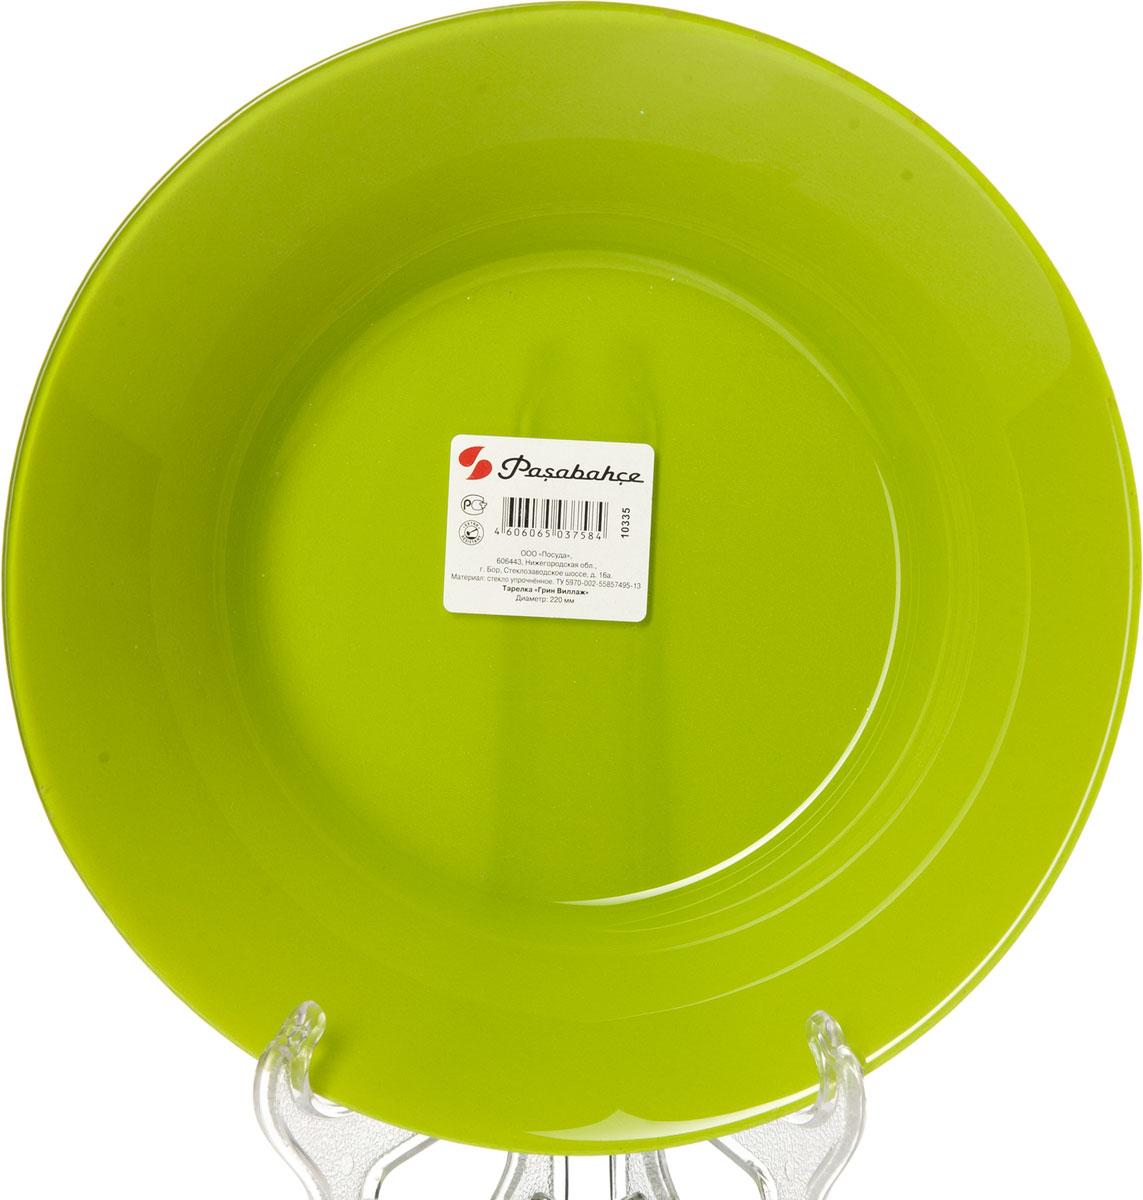 Тарелка Pasabahce Грин Виллаж, цвет: зеленый, диаметр 22 см10335SLBD14Тарелка Pasabahce Грин Виллаж выполнена из качественного стекла. Тарелка прекрасно подойдет в качестве сервировочного блюда для фруктов, десертов, закусок, торта и другого. Изящная тарелка прекрасно оформит праздничный стол и порадует вас и ваших гостей изысканным дизайном и формой. Диаметр тарелки: 22 см.